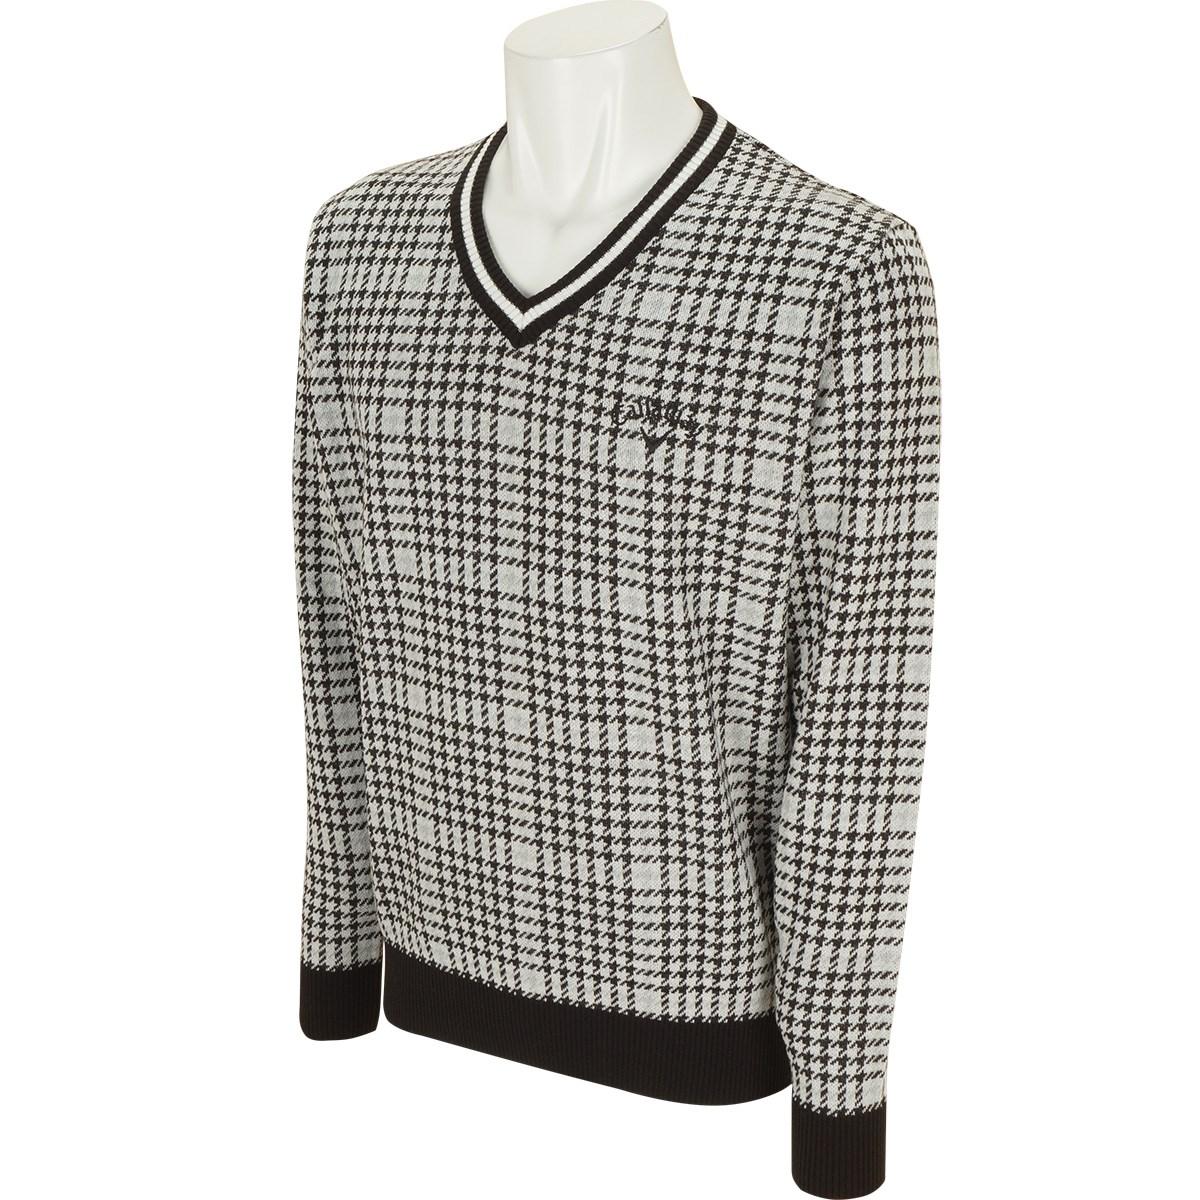 キャロウェイゴルフ(Callaway Golf) チェックVネックセーター